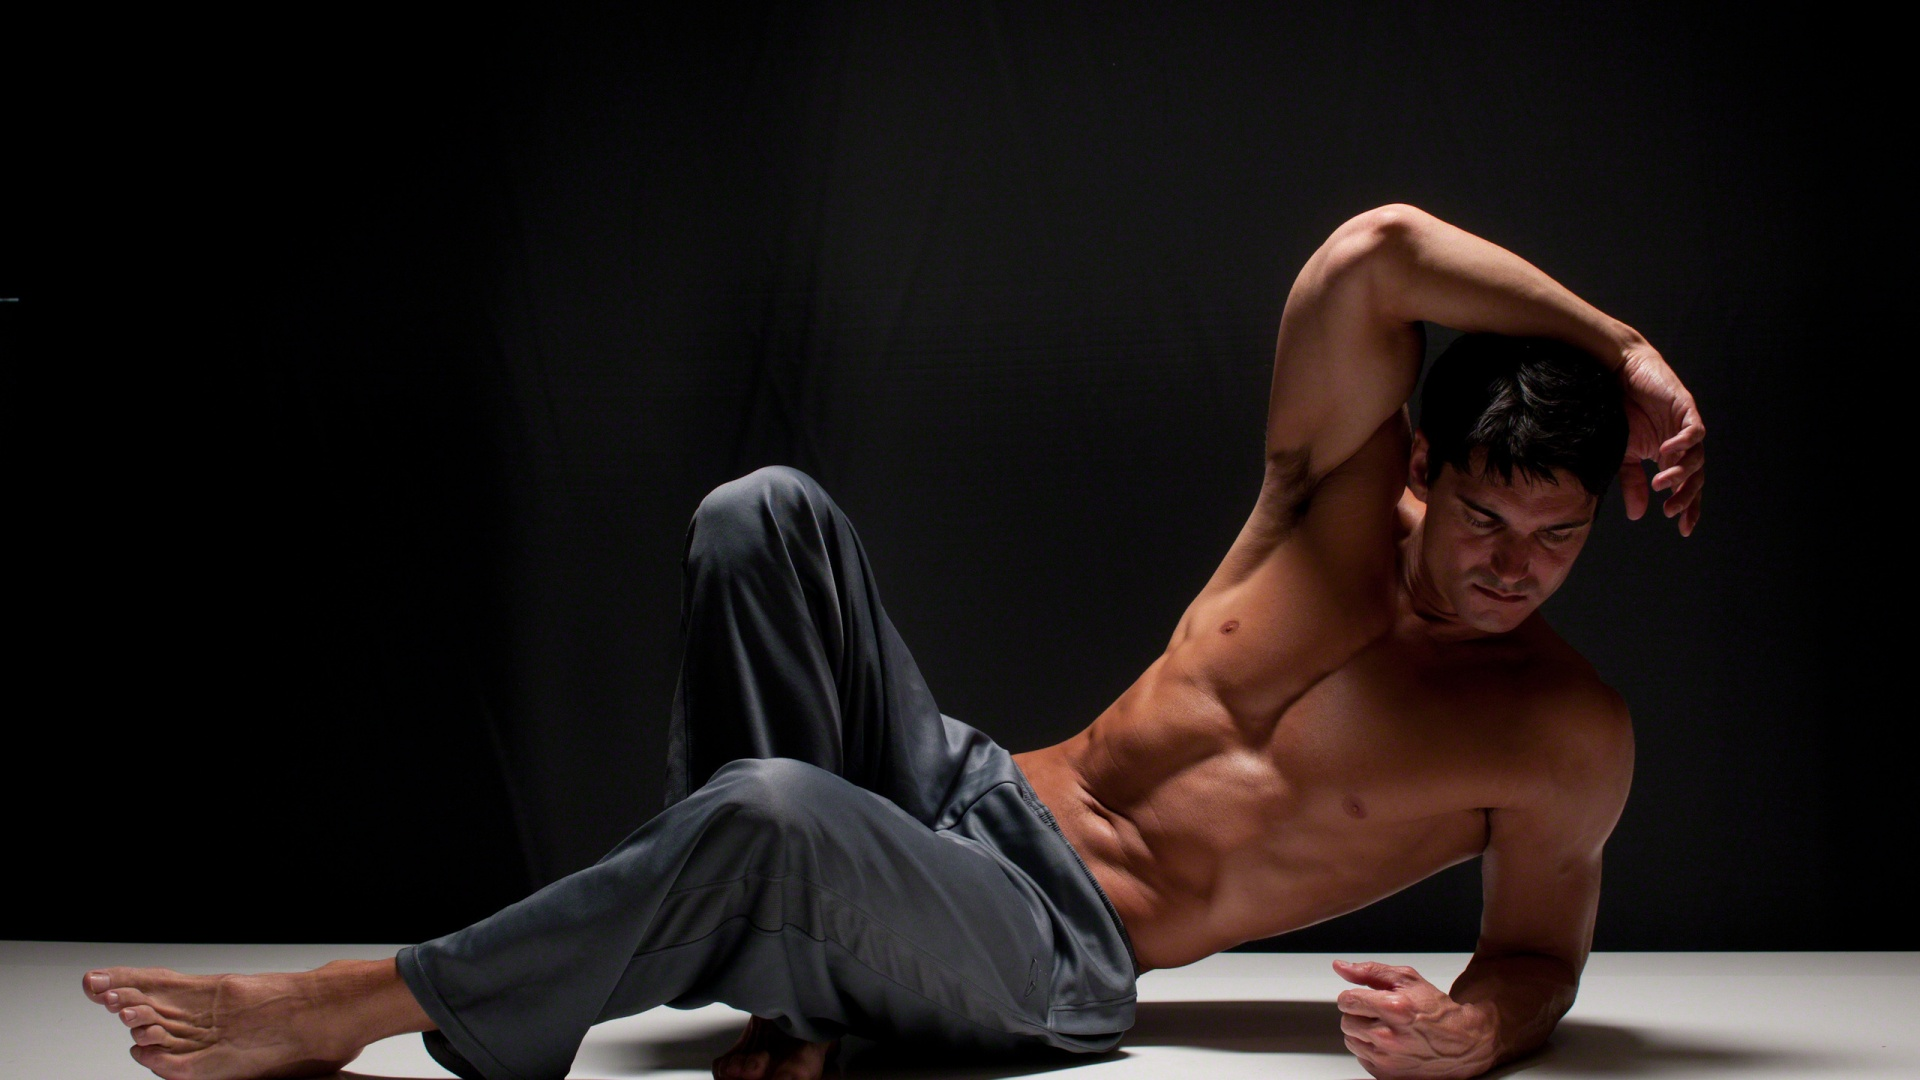 Сексуальные заставки хп бесплатно на рабочий стол